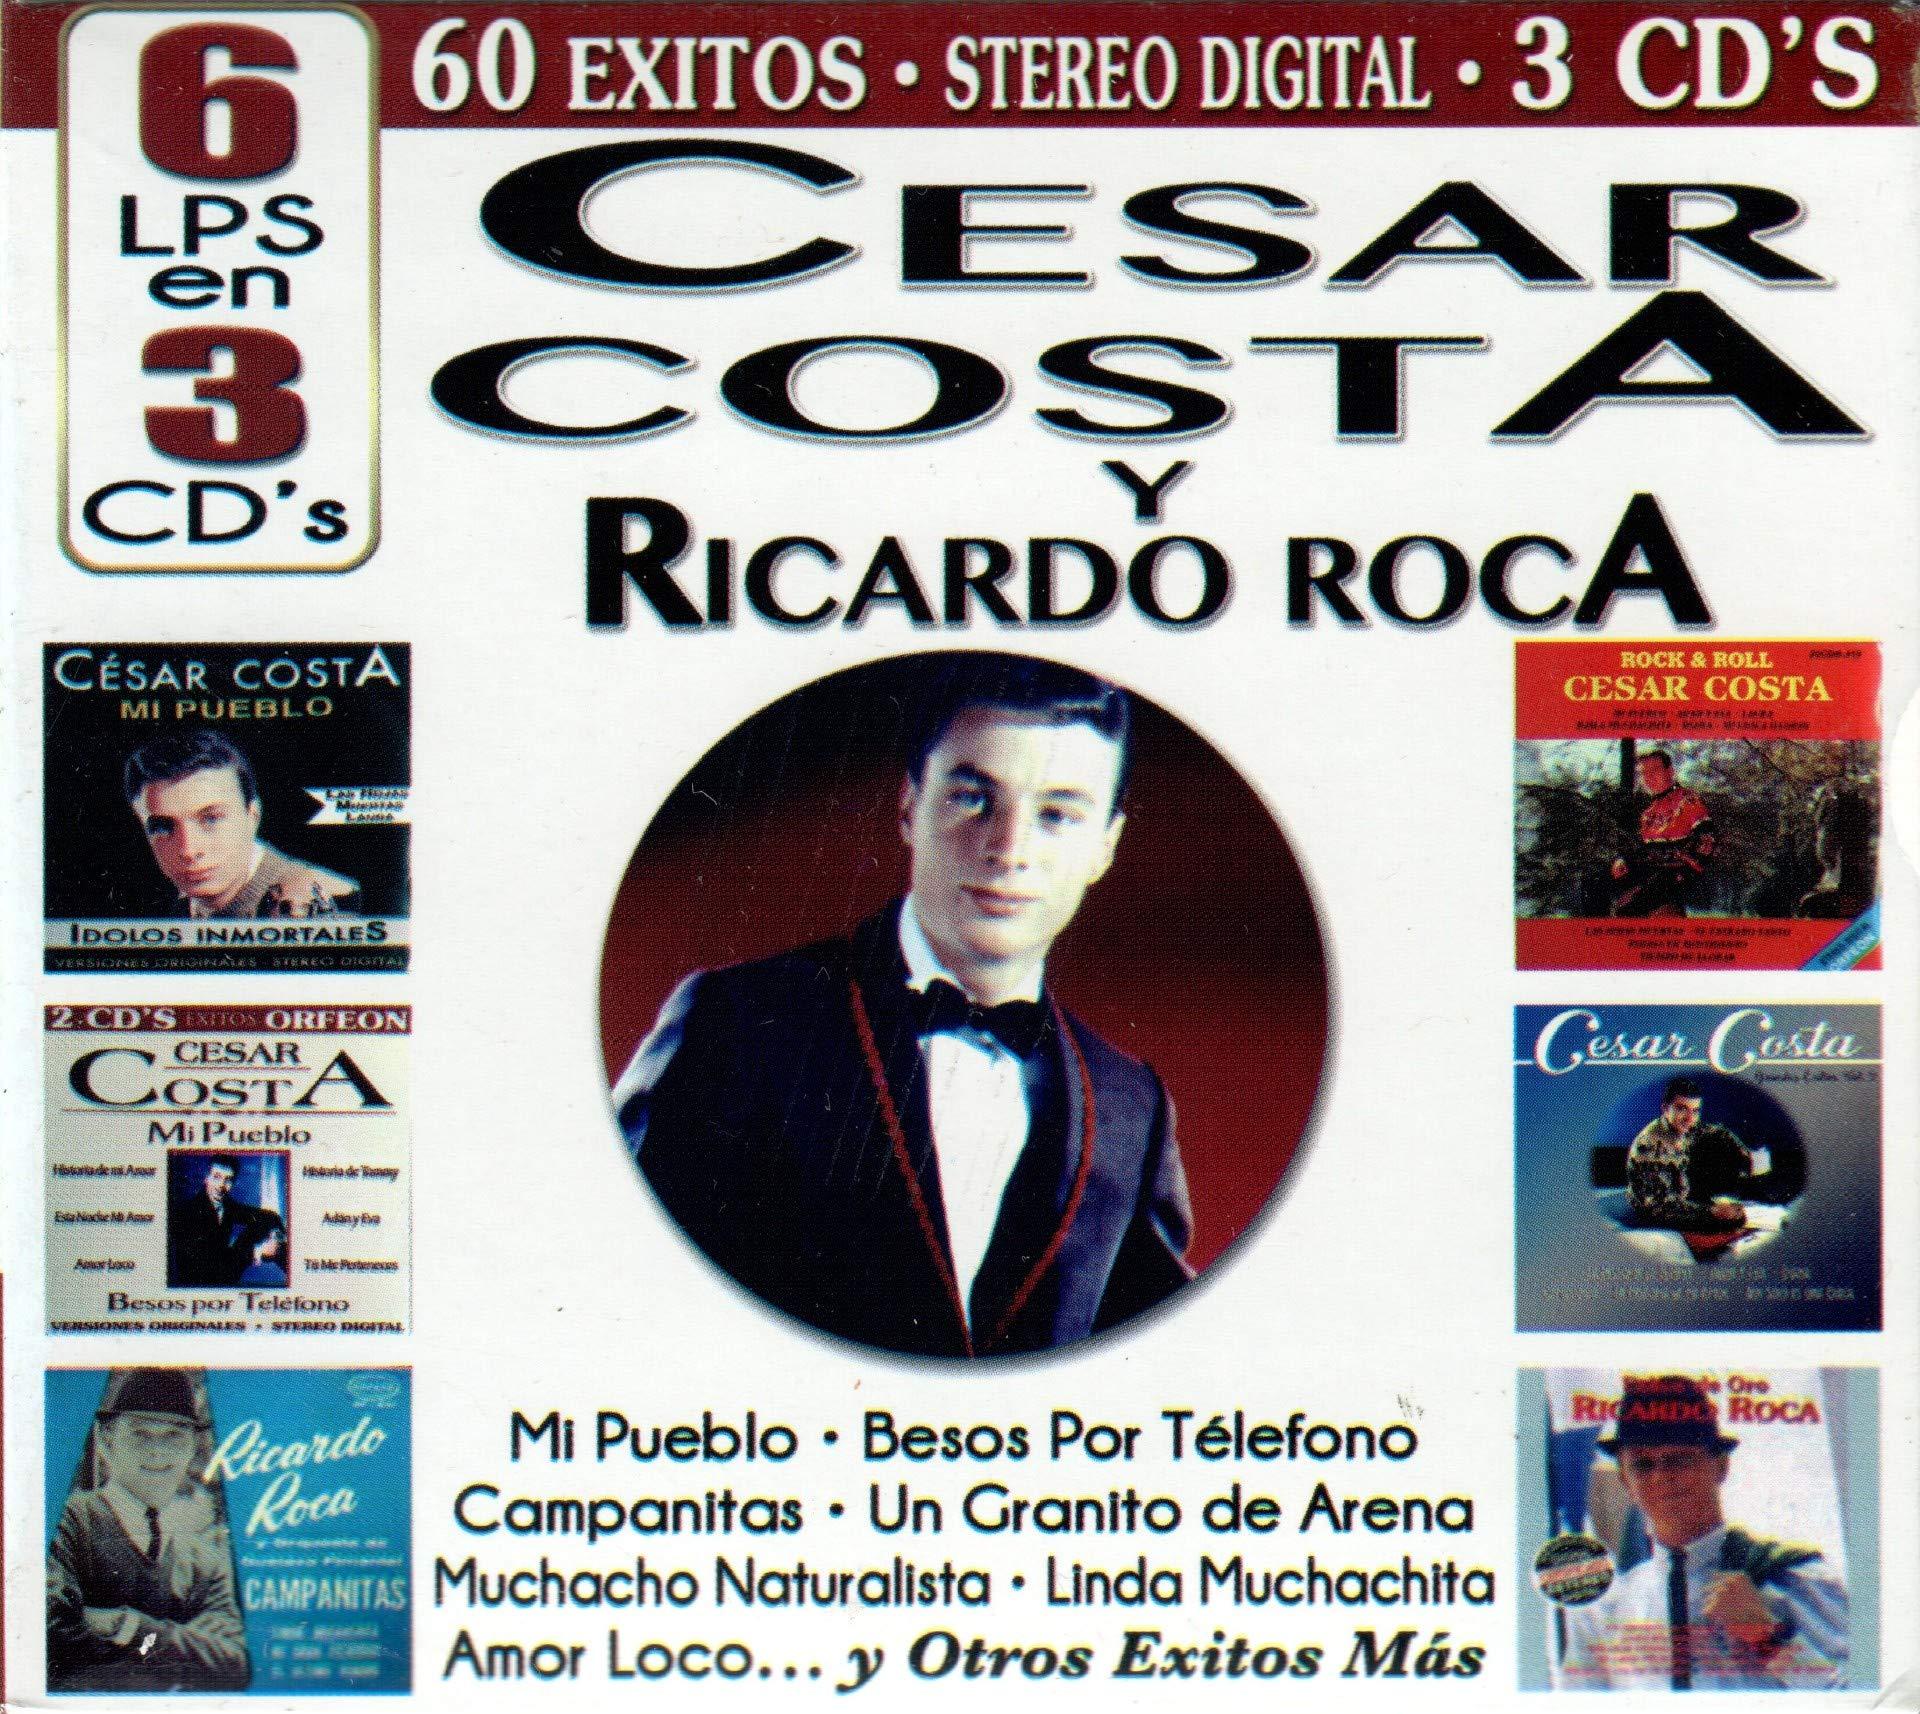 Cesar Costa - Ricardo Roca (6LPS en 3CDs, 60 Exitos) Cro3c-80022 by Catalogue Records - Orfeon